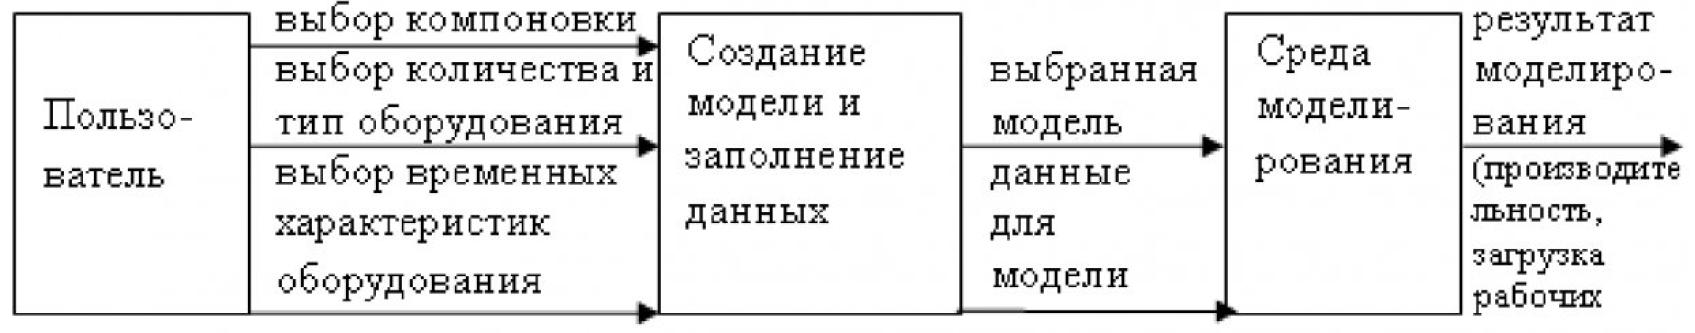 Рисунок 1 – Последовательность действий при моделировании работы АПС